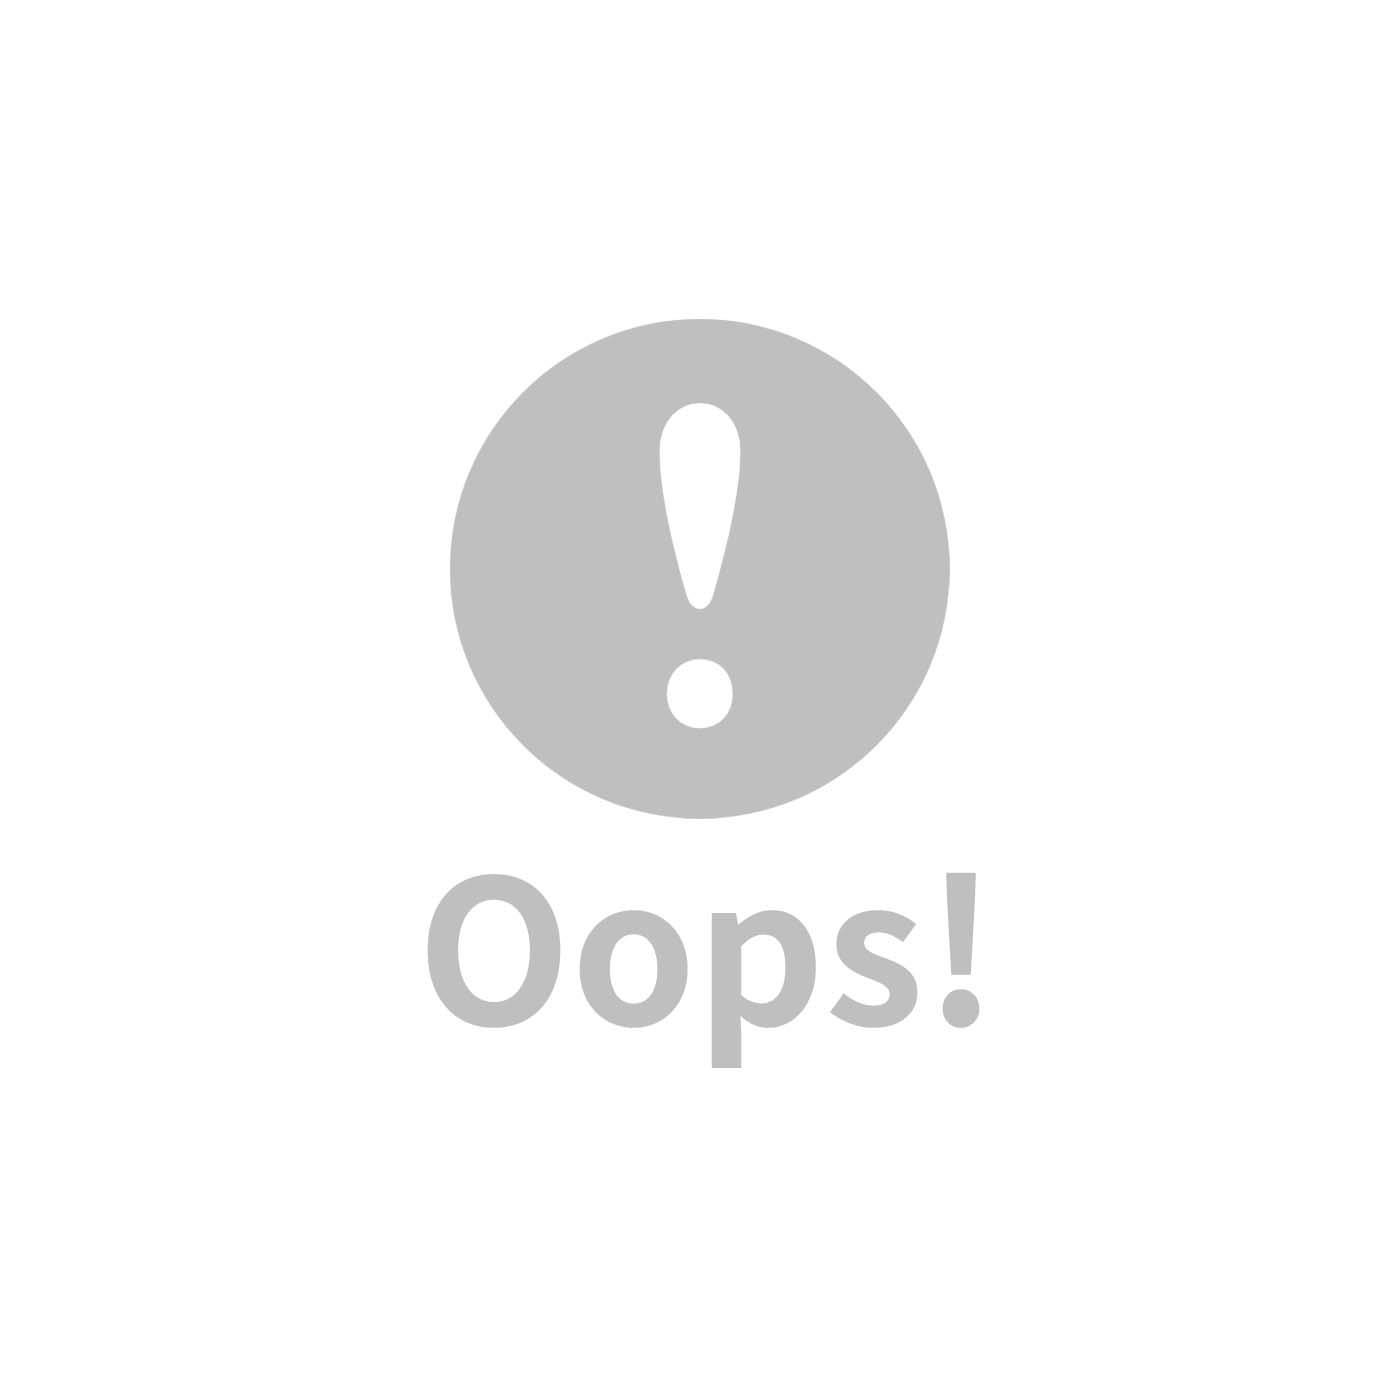 【布丁狗聯名款】La Millou 枕毯標配送禮組-贈送禮提袋+質感祝福卡片組(2款可選)